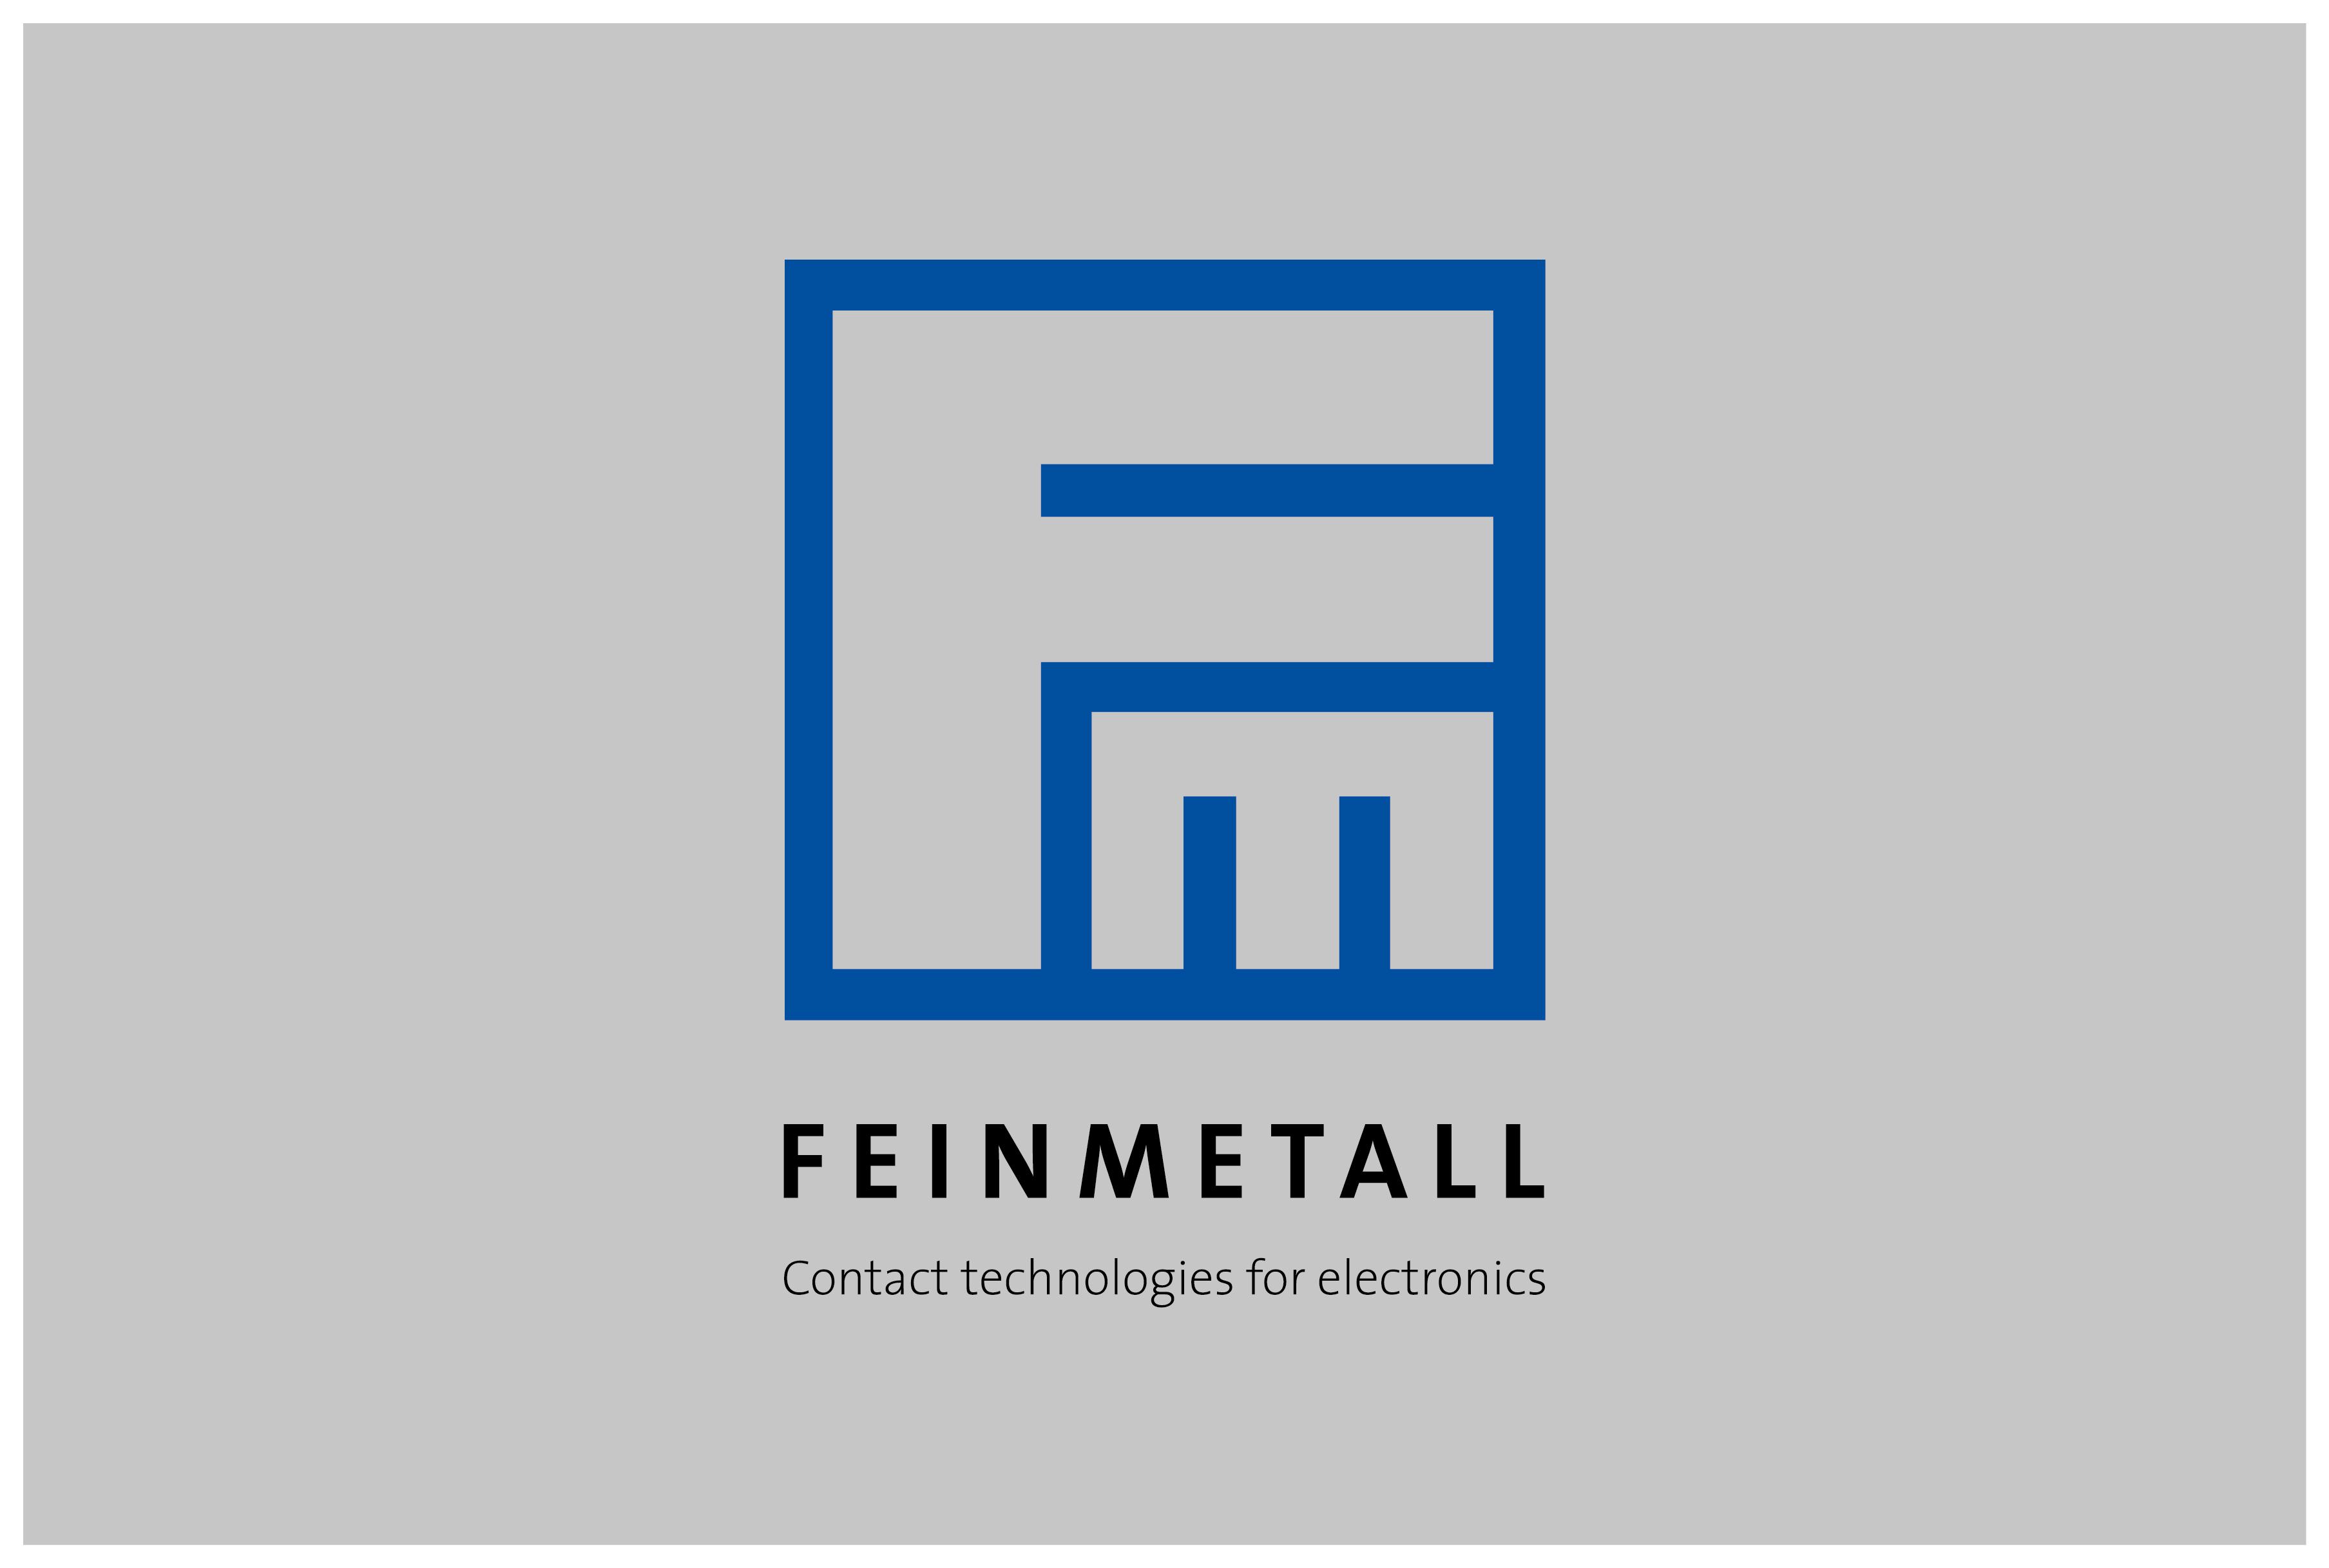 Feinmetall